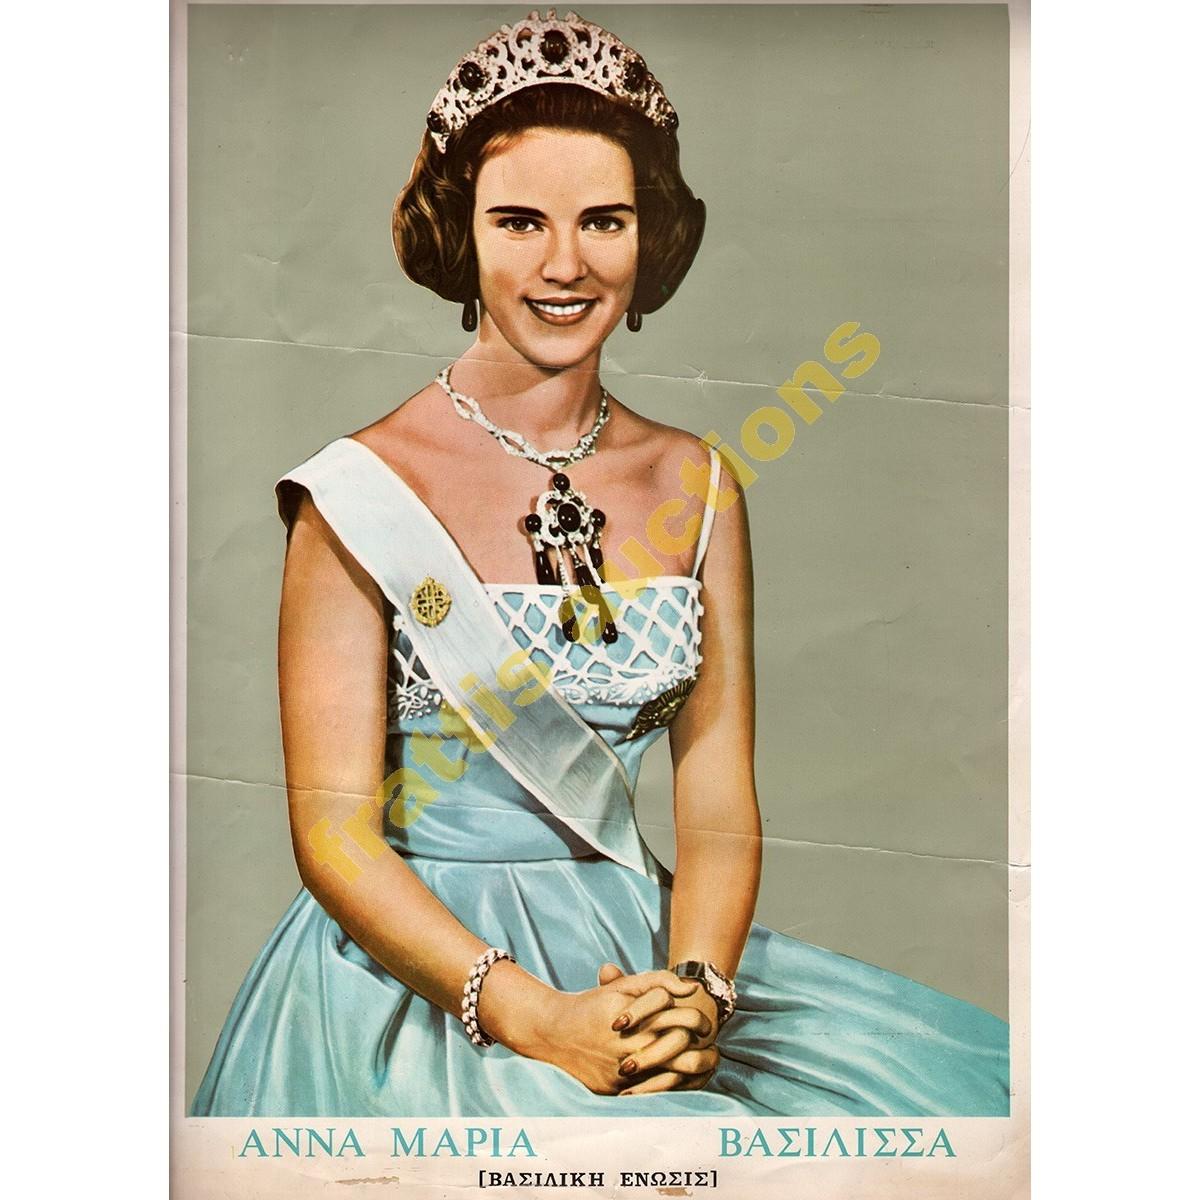 Άννα Μαρία Βασίλισσα, χάρτινο poster.